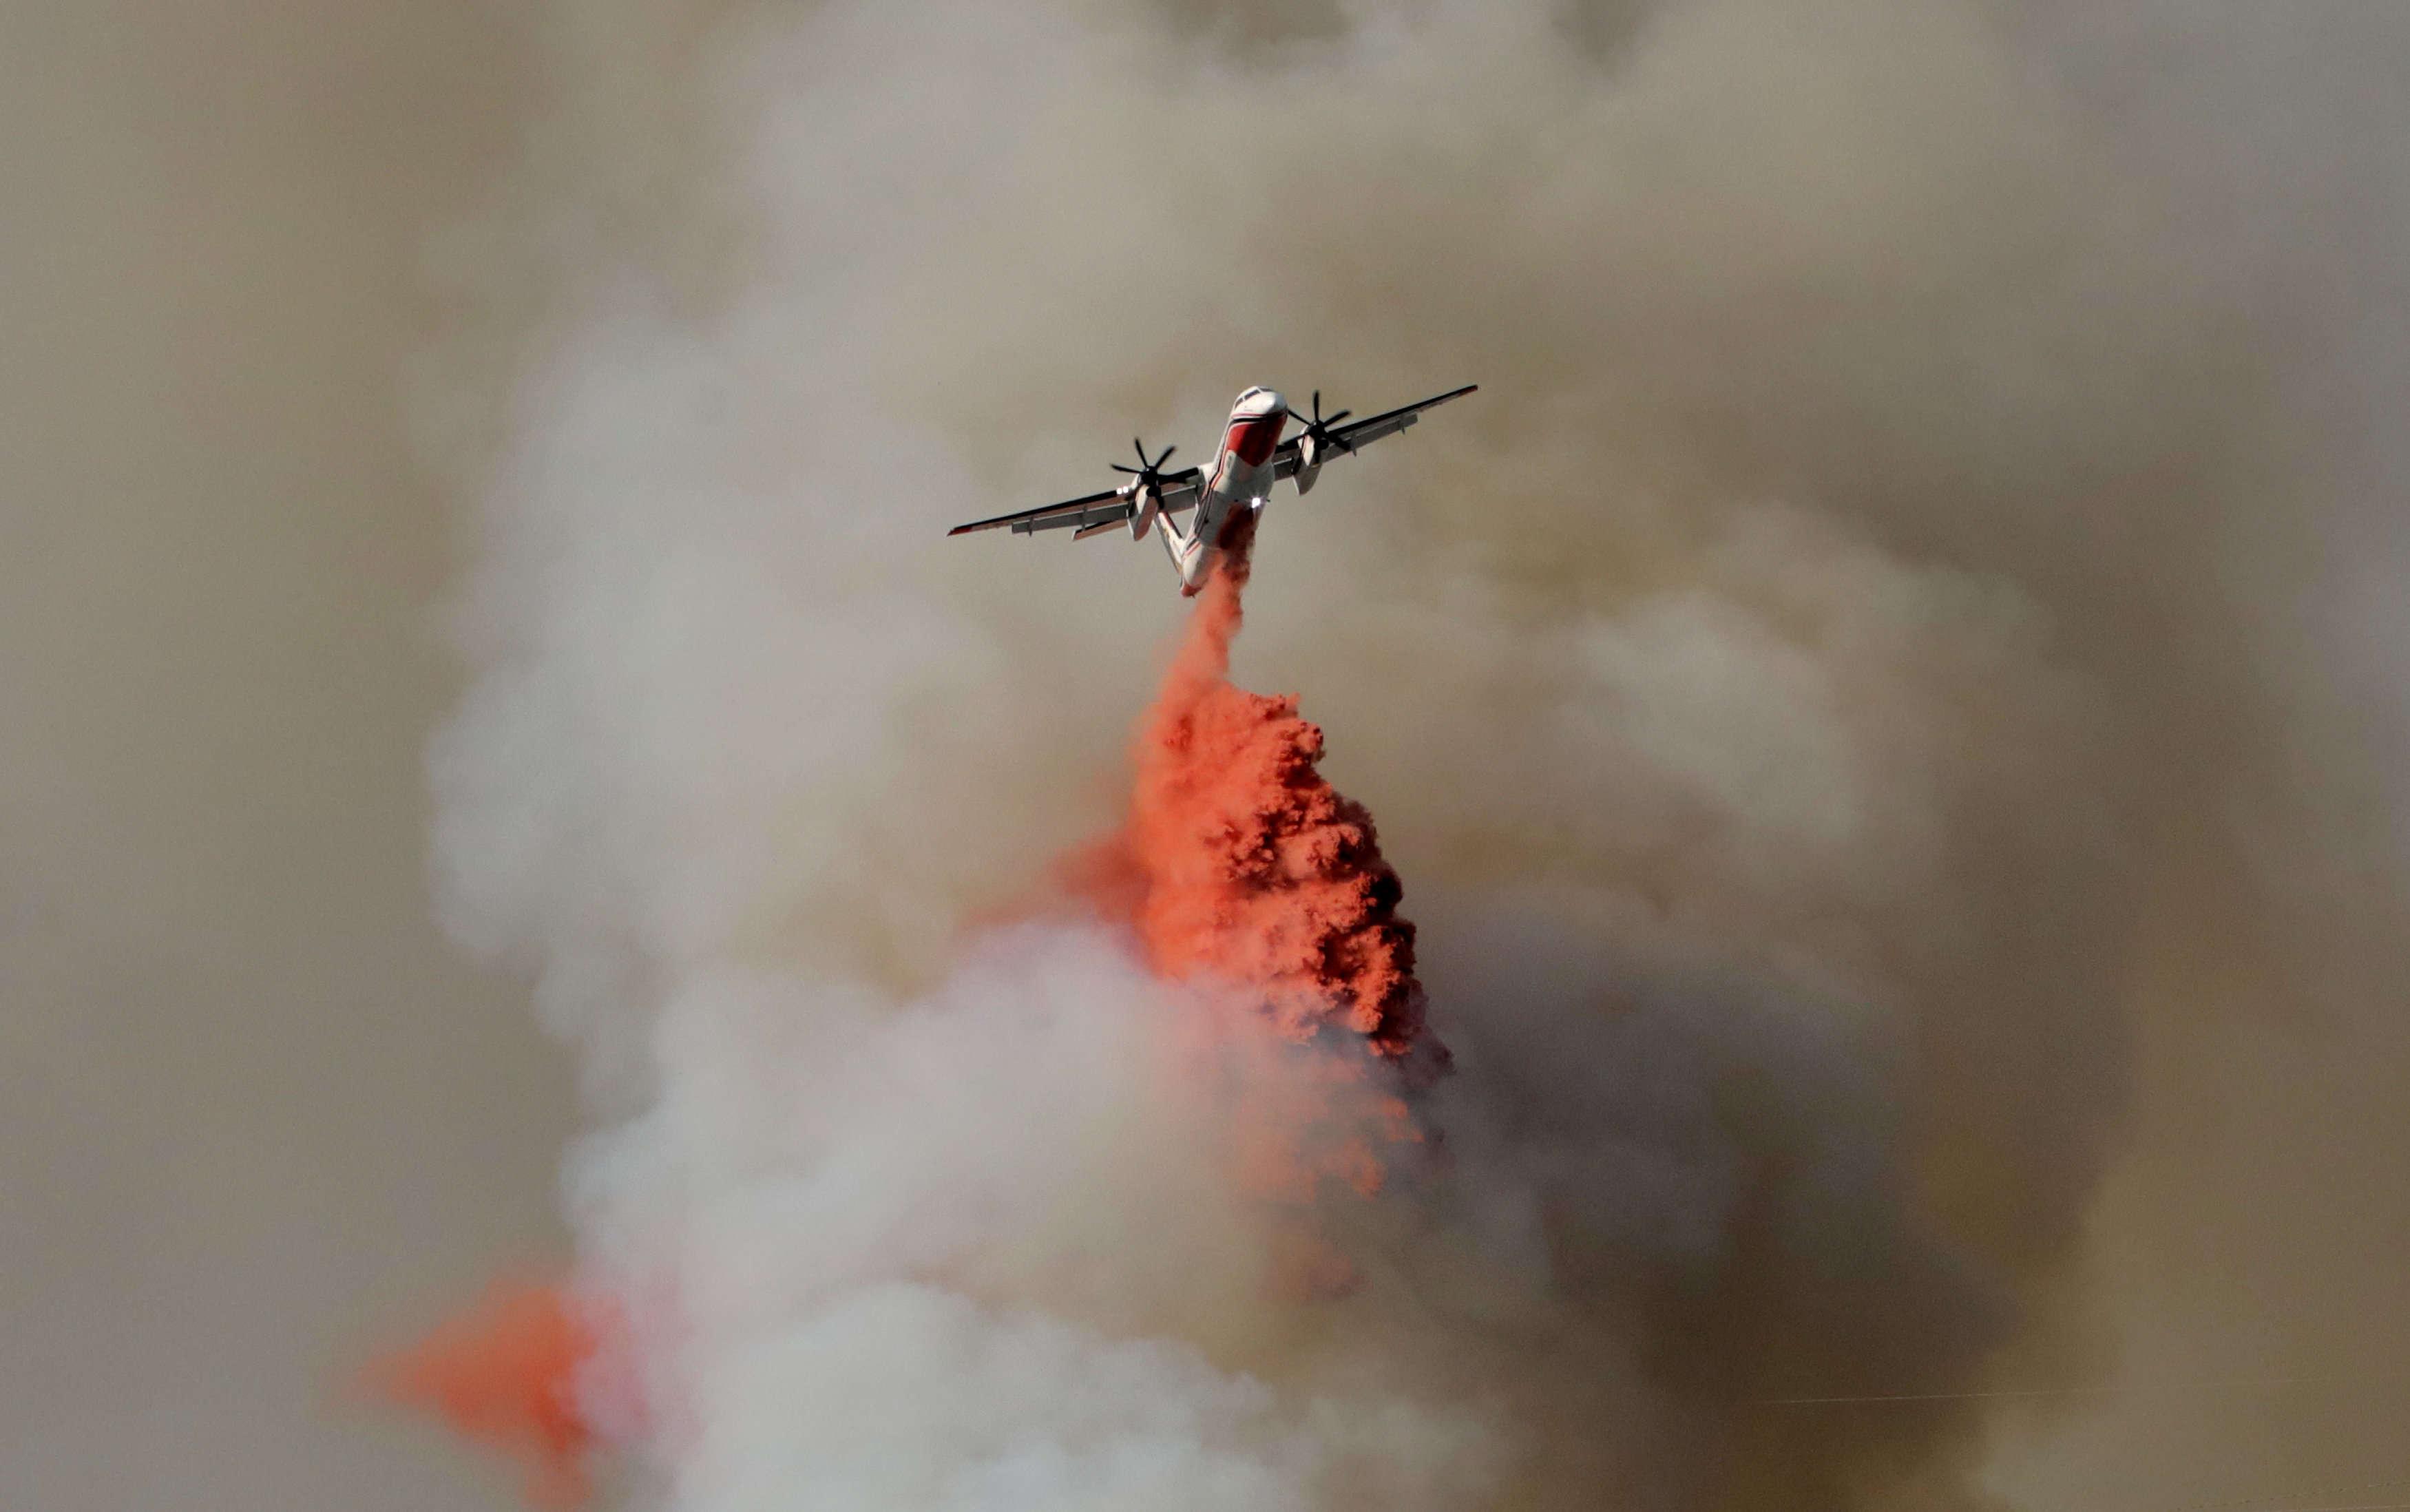 Un Canadair lâche un mélange d'eau et de retardant au-dessus d'une forêt à Castagniers, près de Nice le 17 juillet.